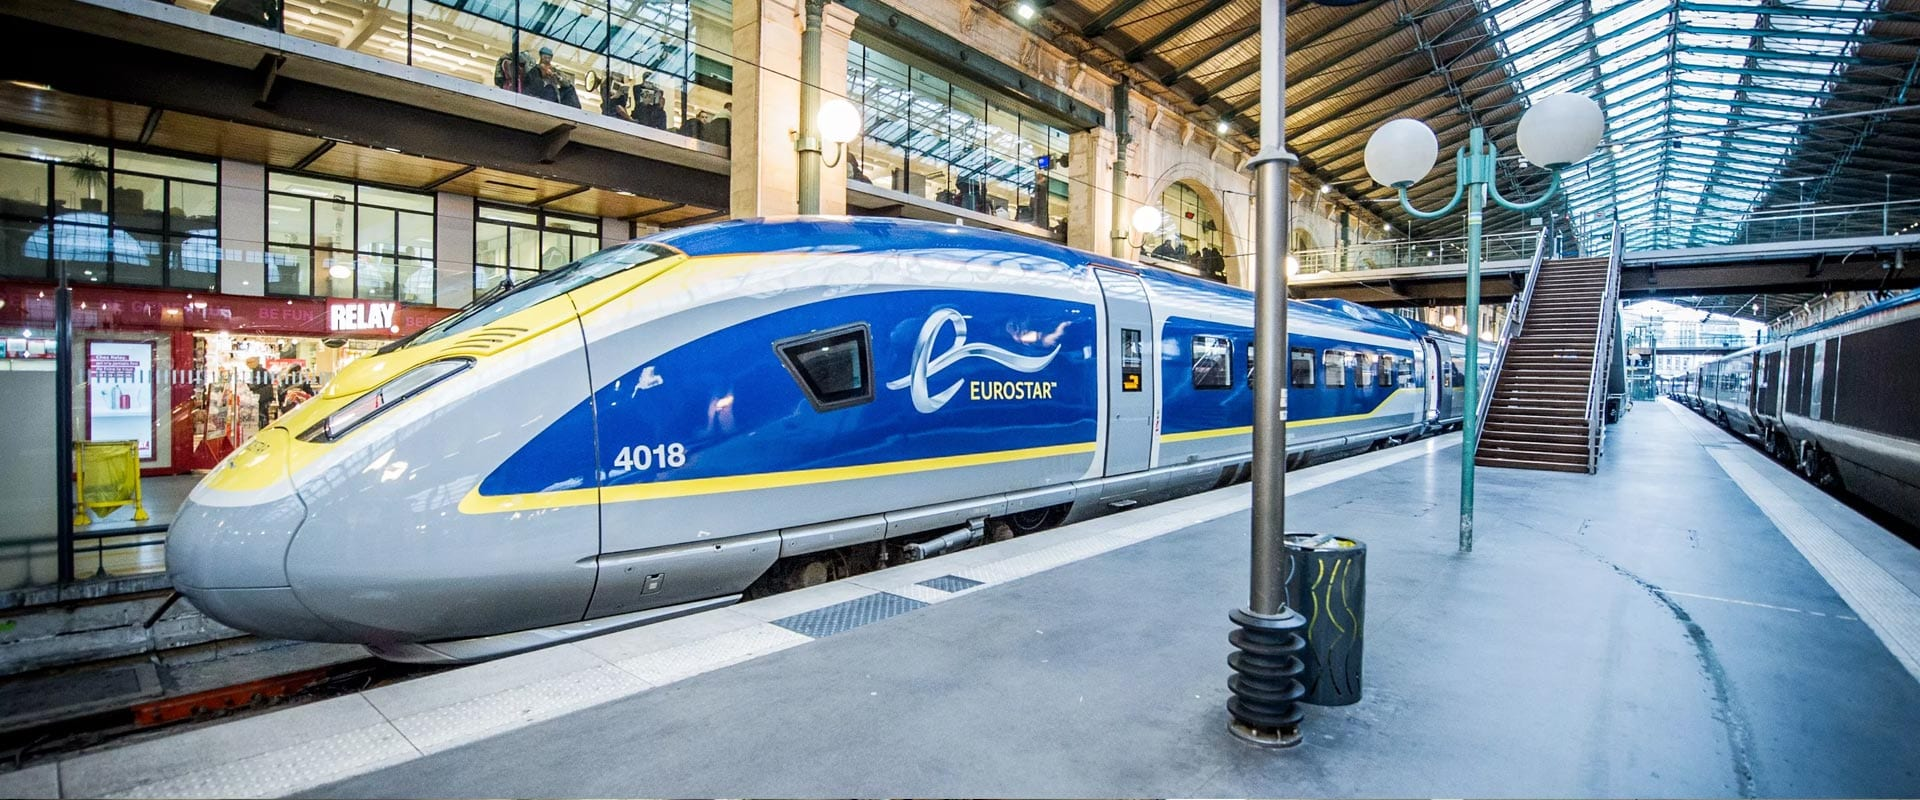 Londres pode em breve ser conectada por trem de alta velocidade a mais cidades europeias